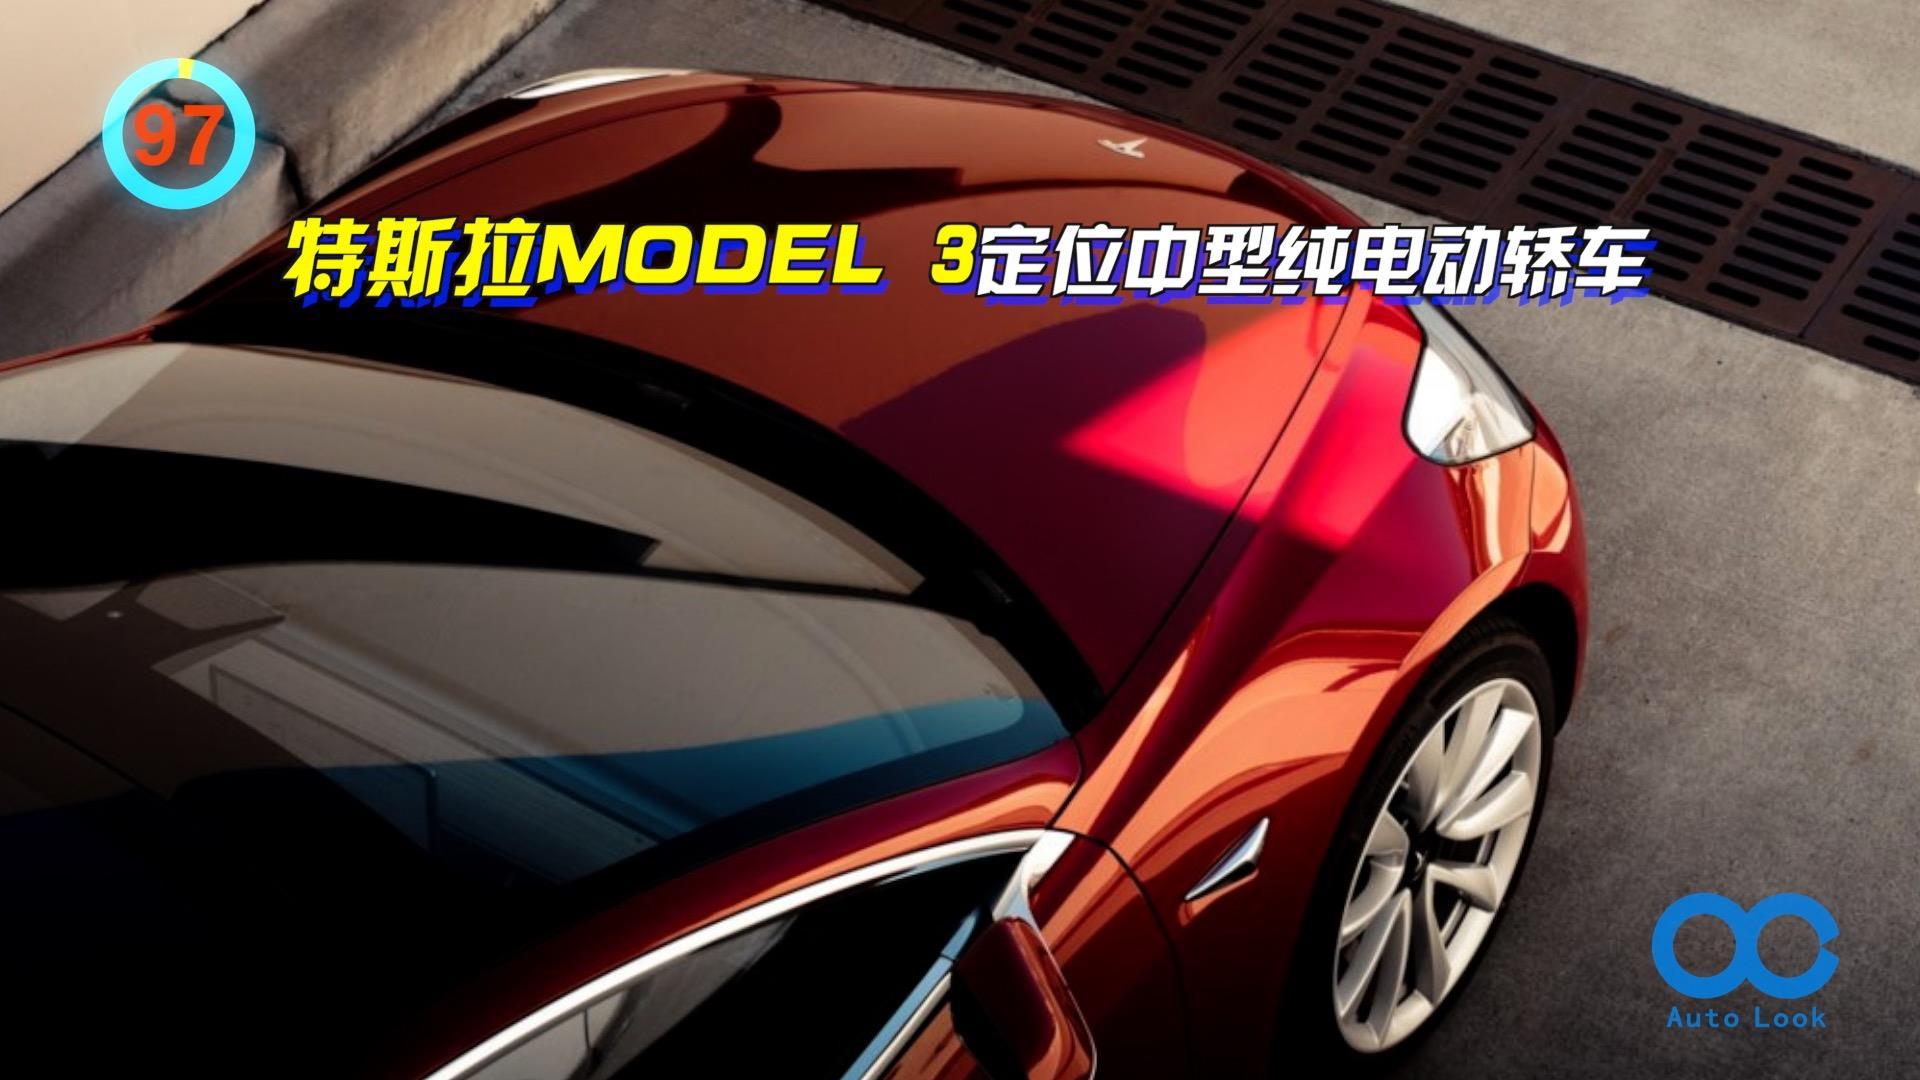 「百秒看车」特斯拉MODEL 3  采用玻璃顶无框车门